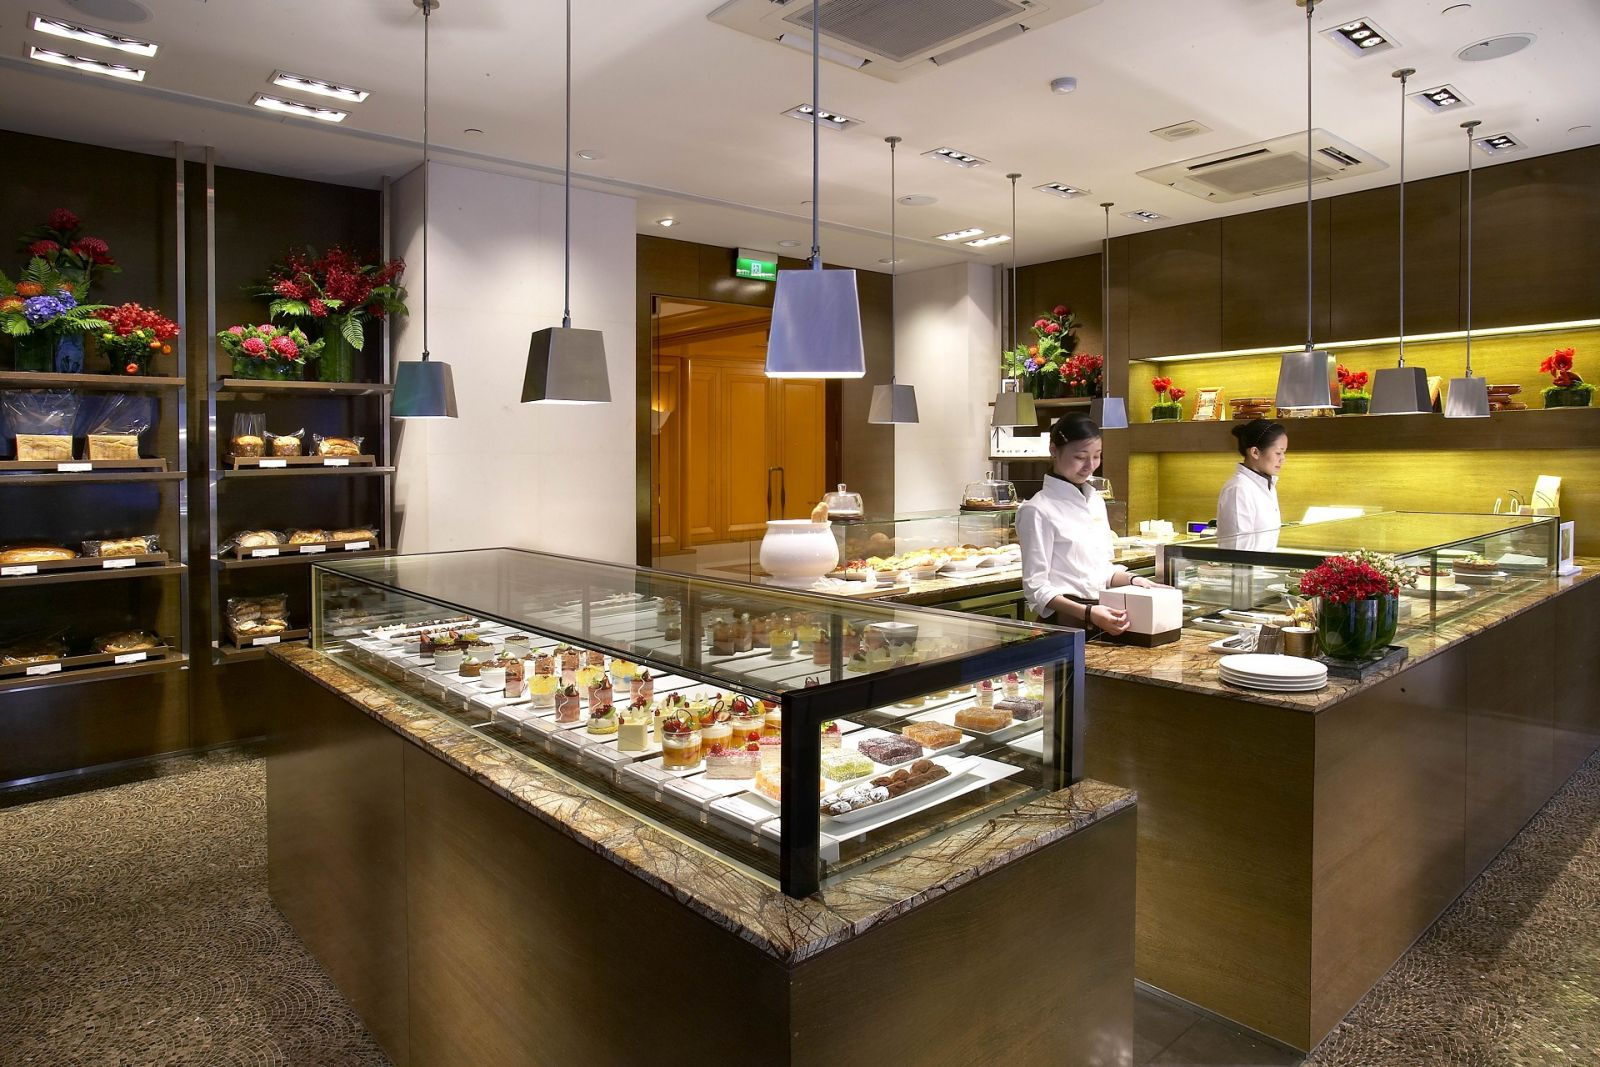 富邦國賓大飯店聯名卡 國賓麵包房每週三第三件5折